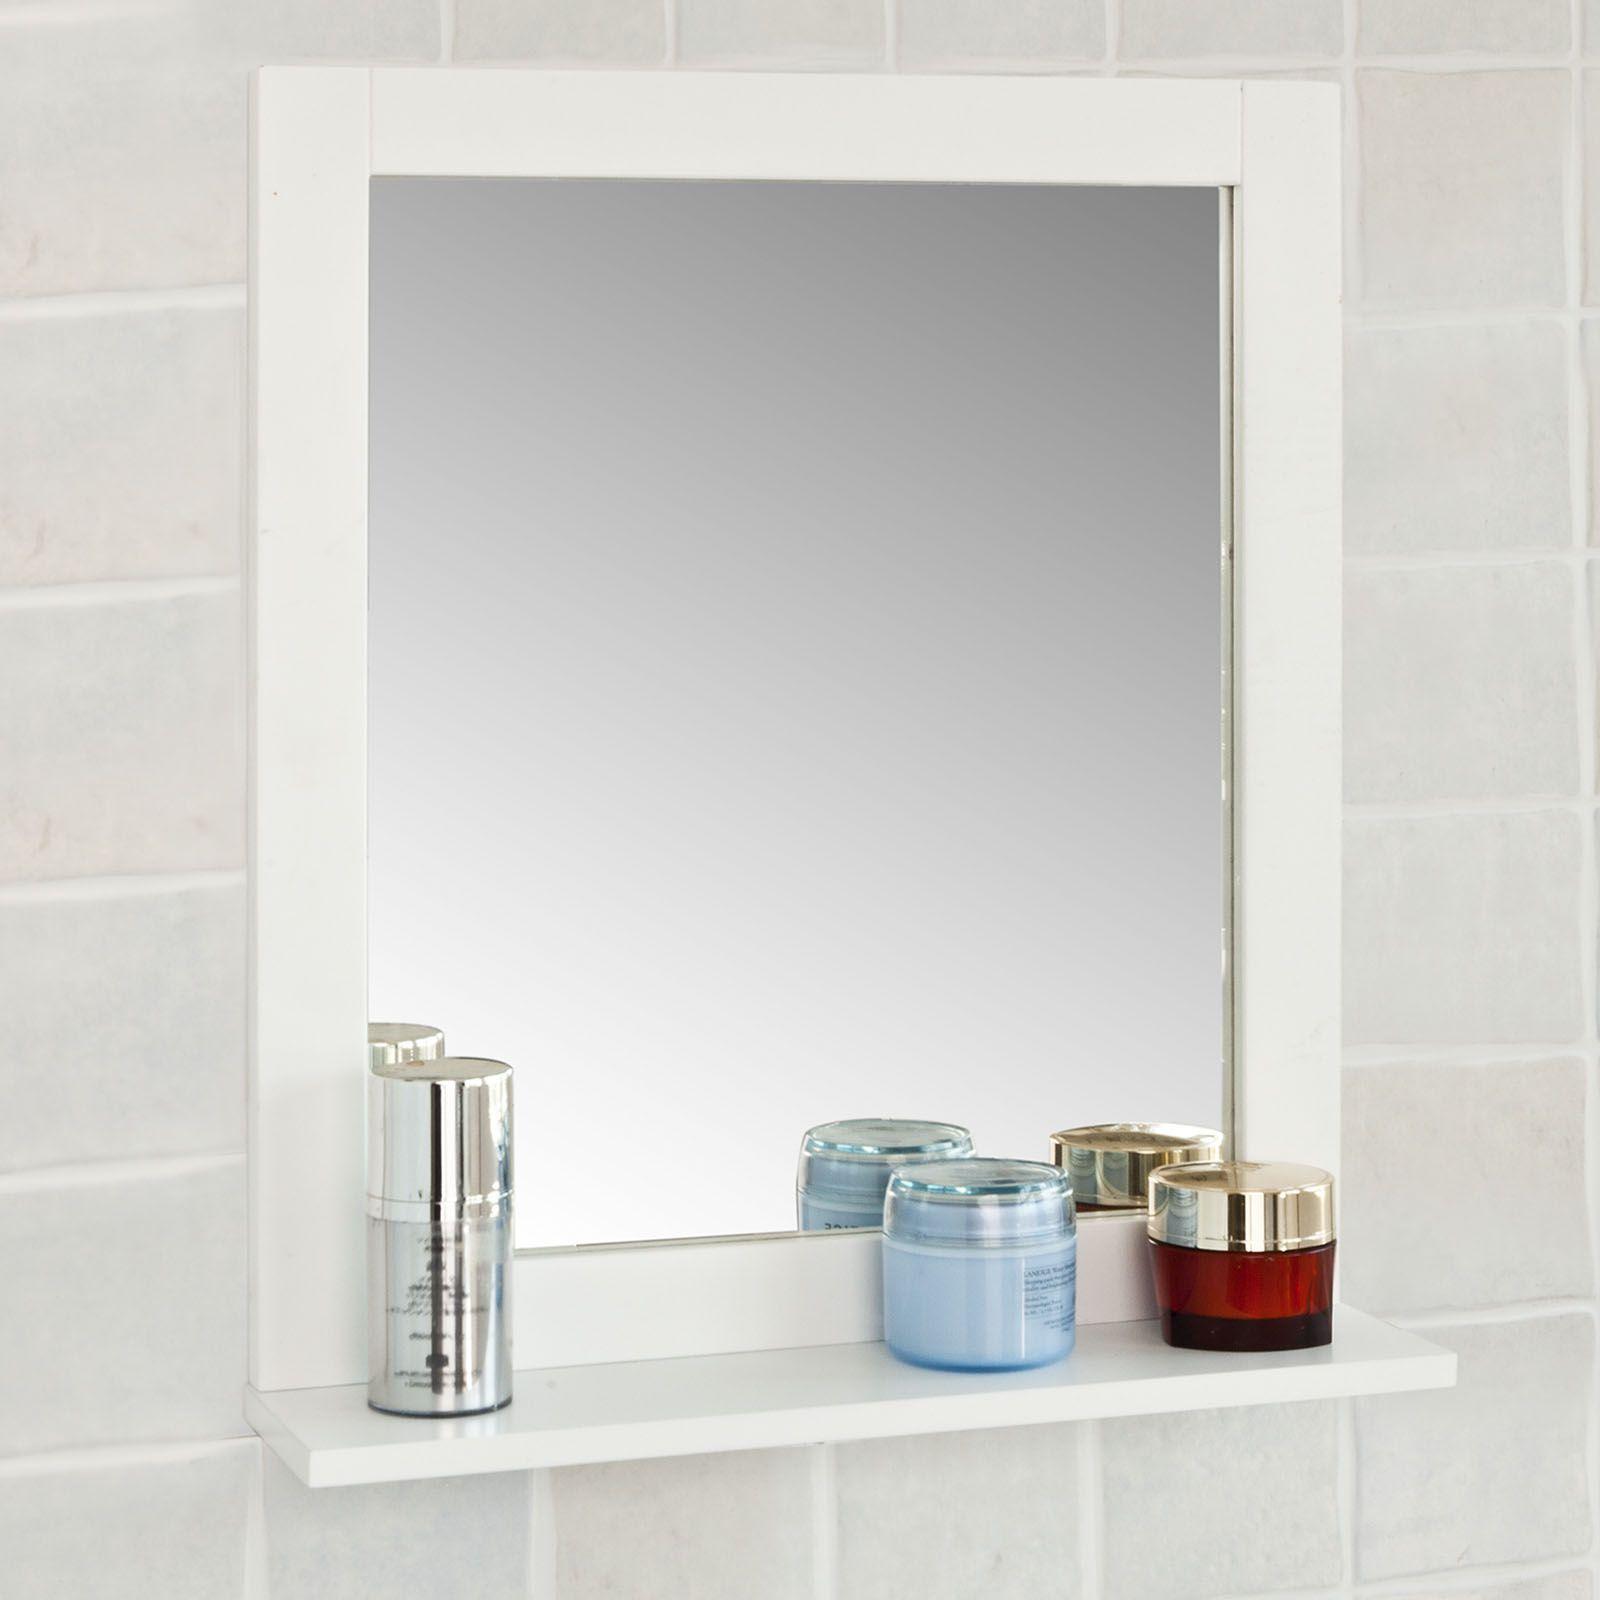 Specchio Bagno Specchio Da Parete Mensola Bagno Bianco A Muro